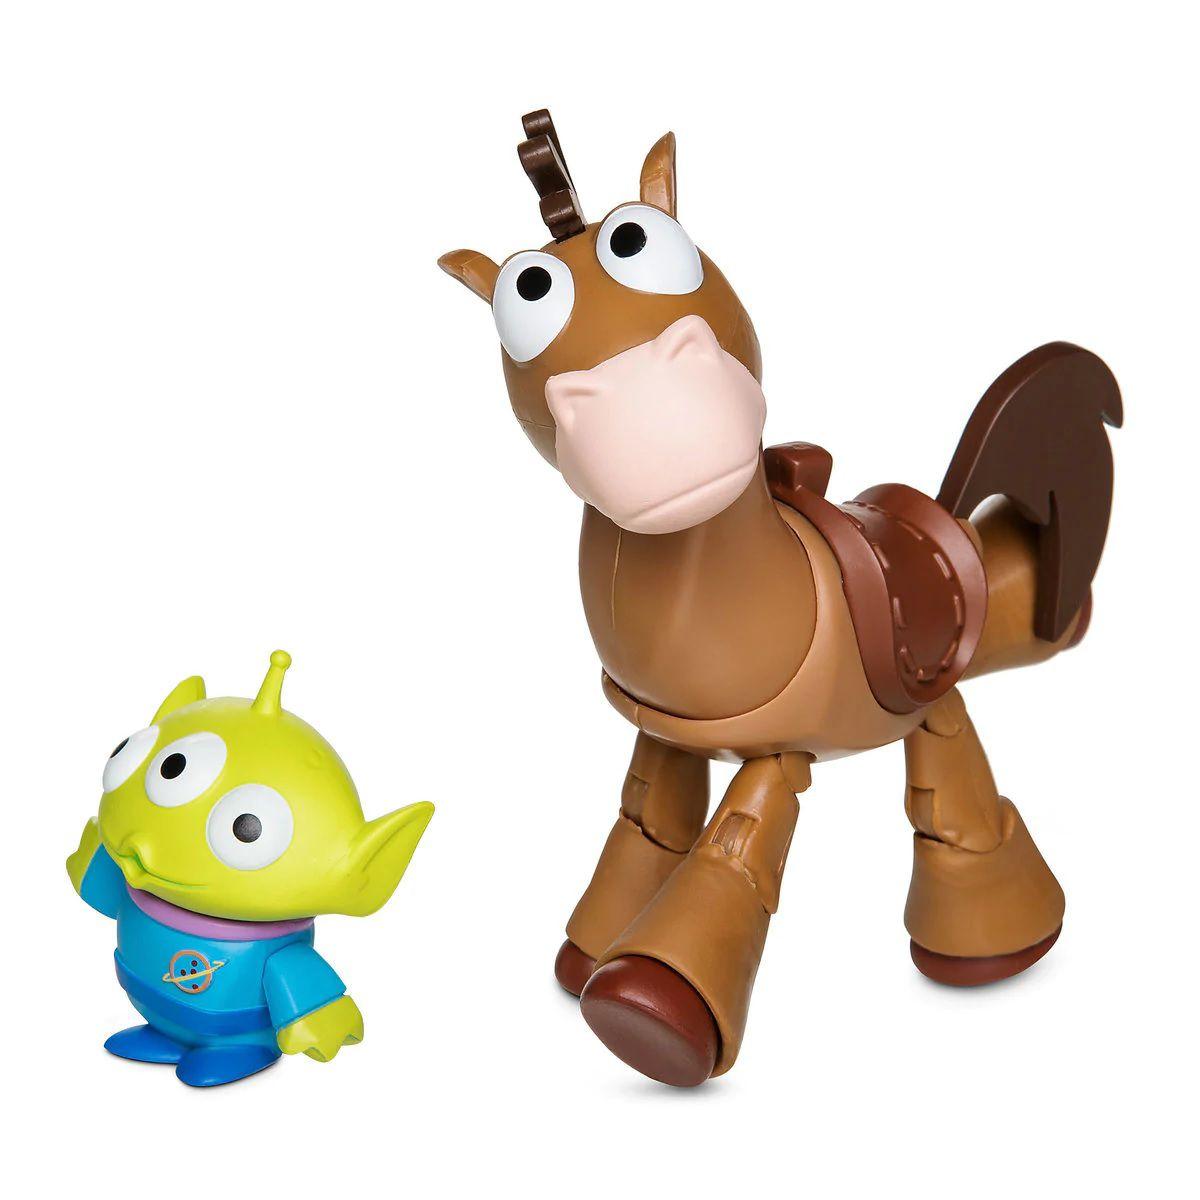 Boneco Bullseye & Alien: Toy Story (Pixar) ToyBox - Disney